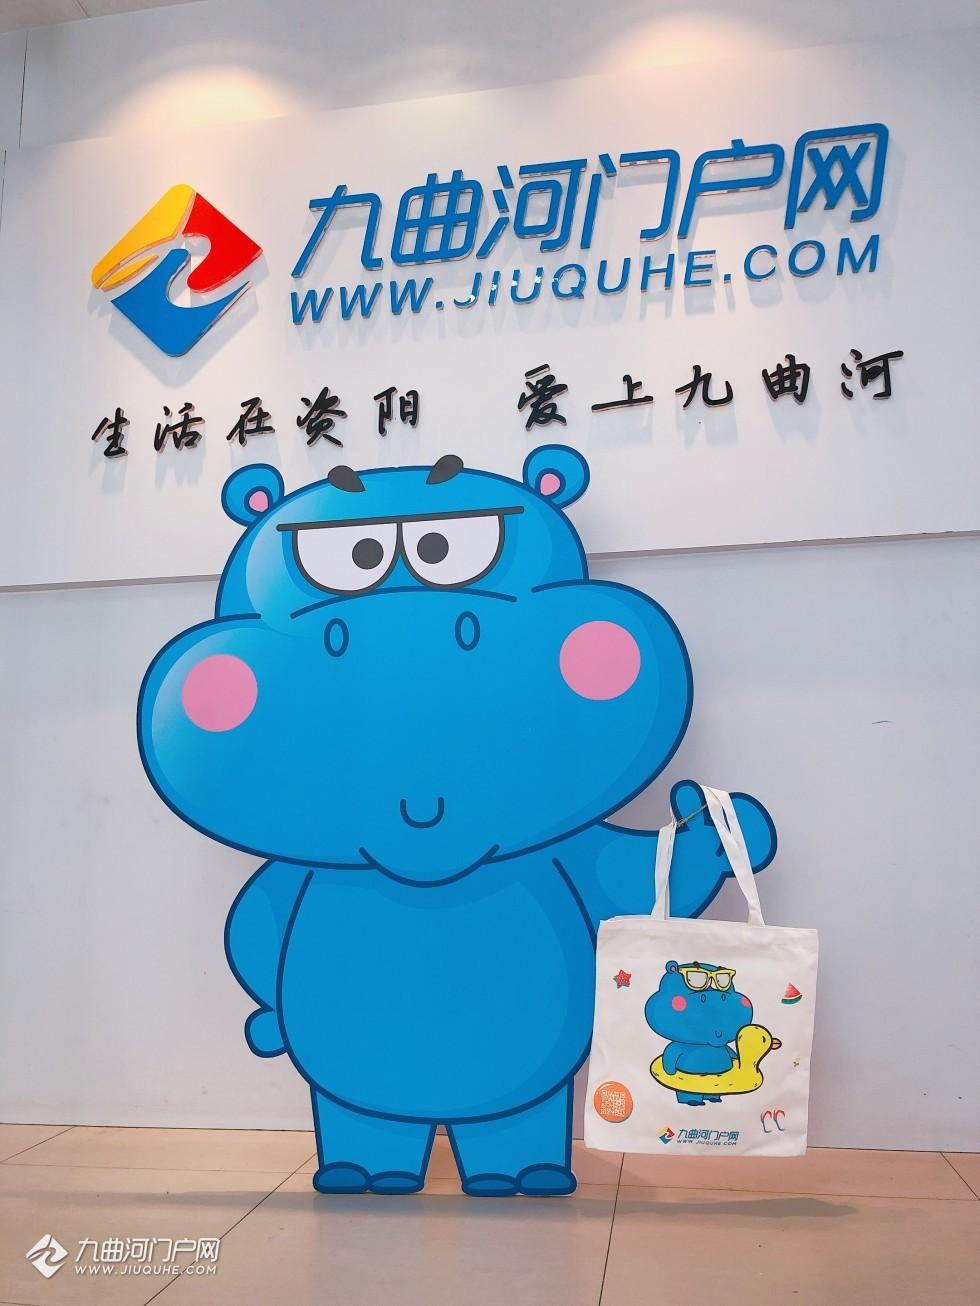 (回帖有红包)资阳九曲河门户网app8月礼品上新:轻巧又时尚的河马帆布袋来啦!